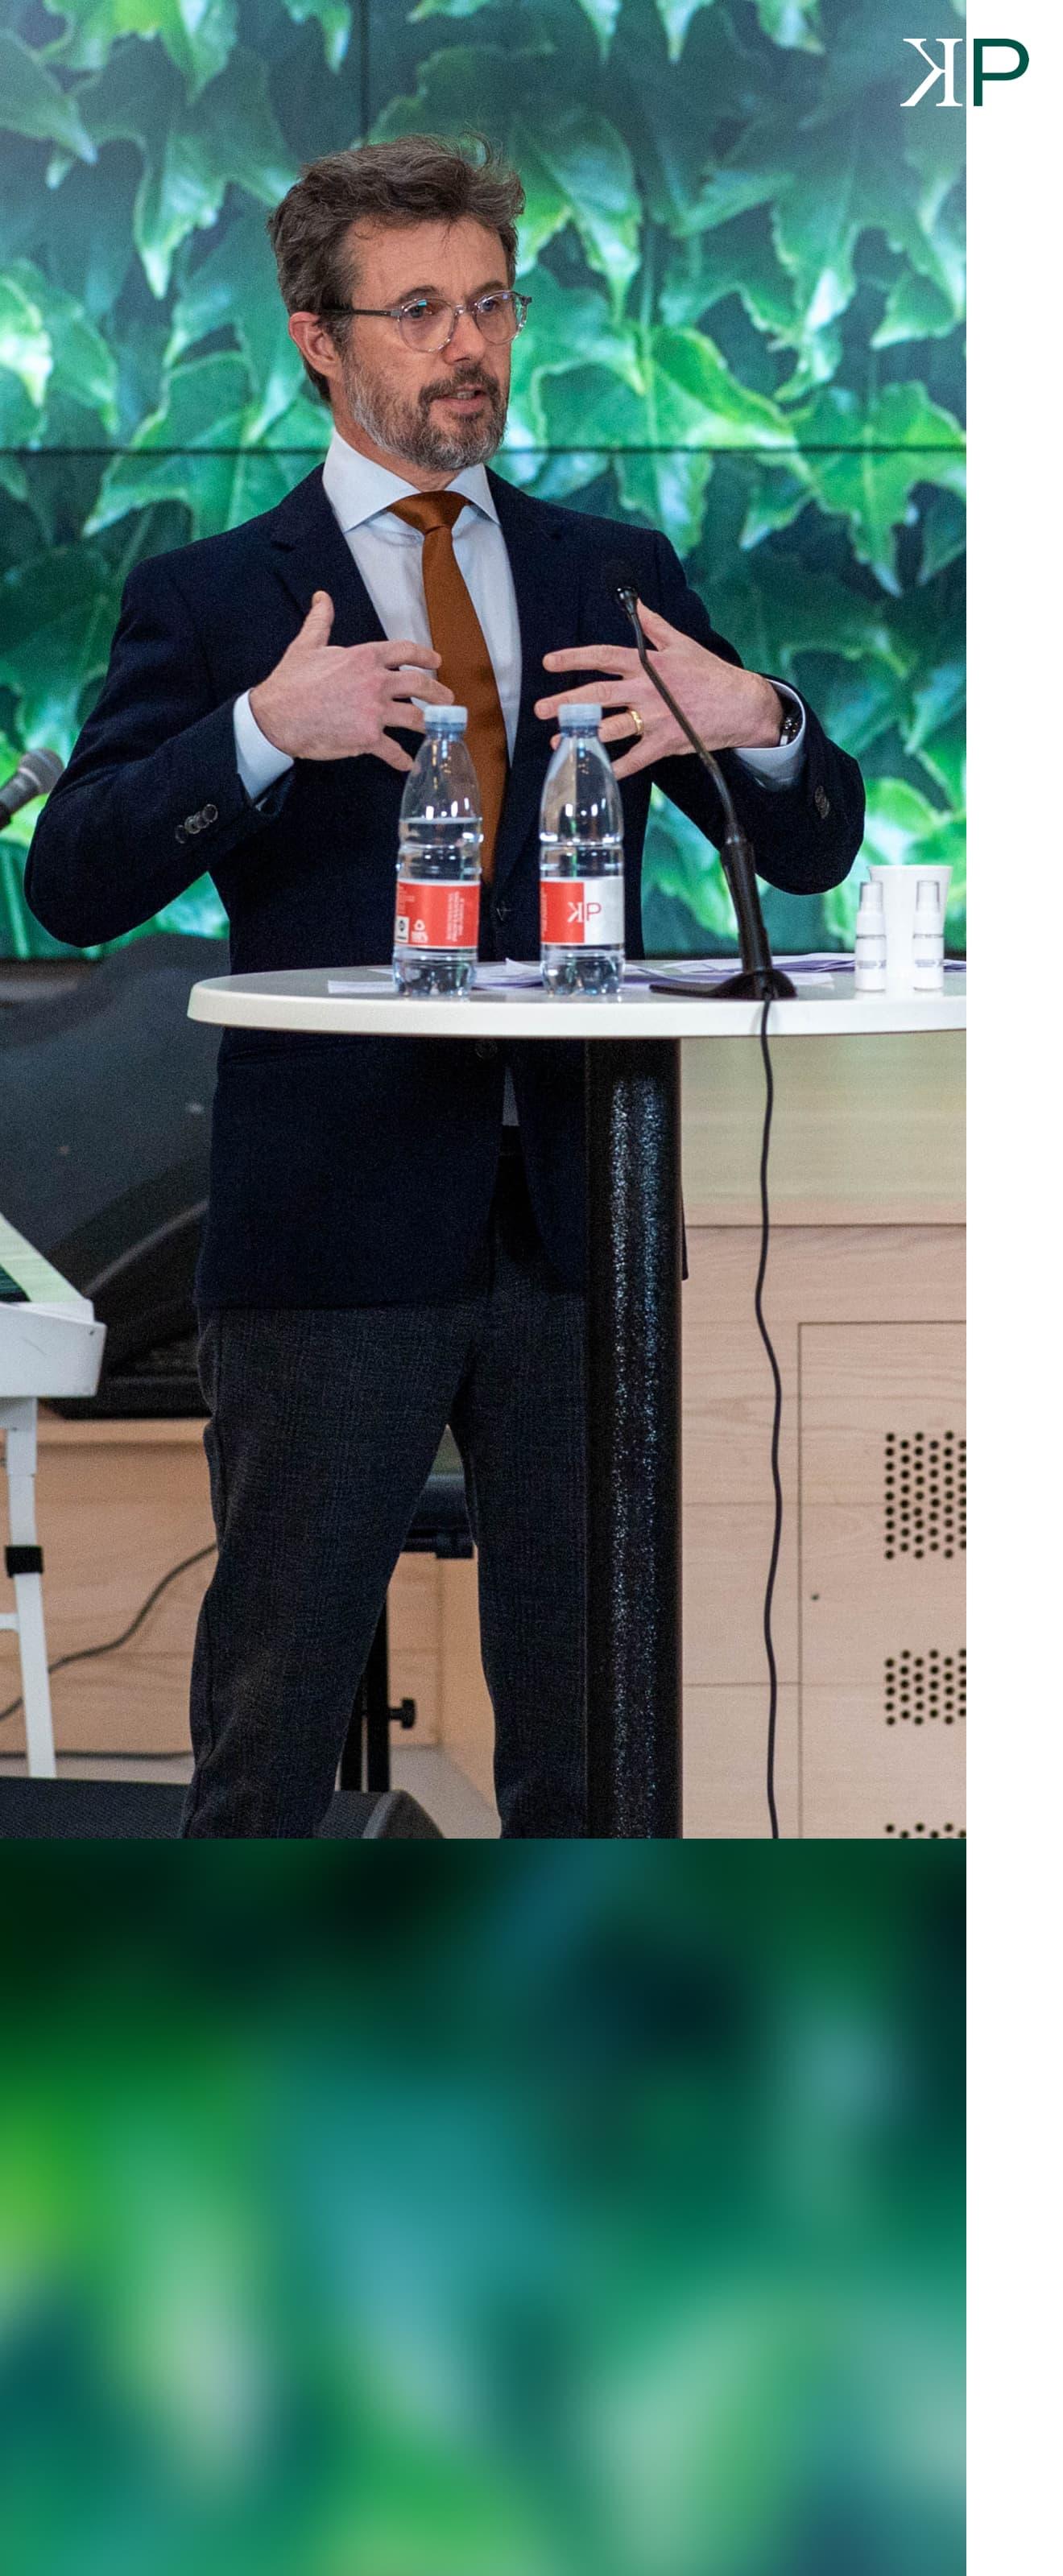 Kronprins Frederik ved KP Ledelse event